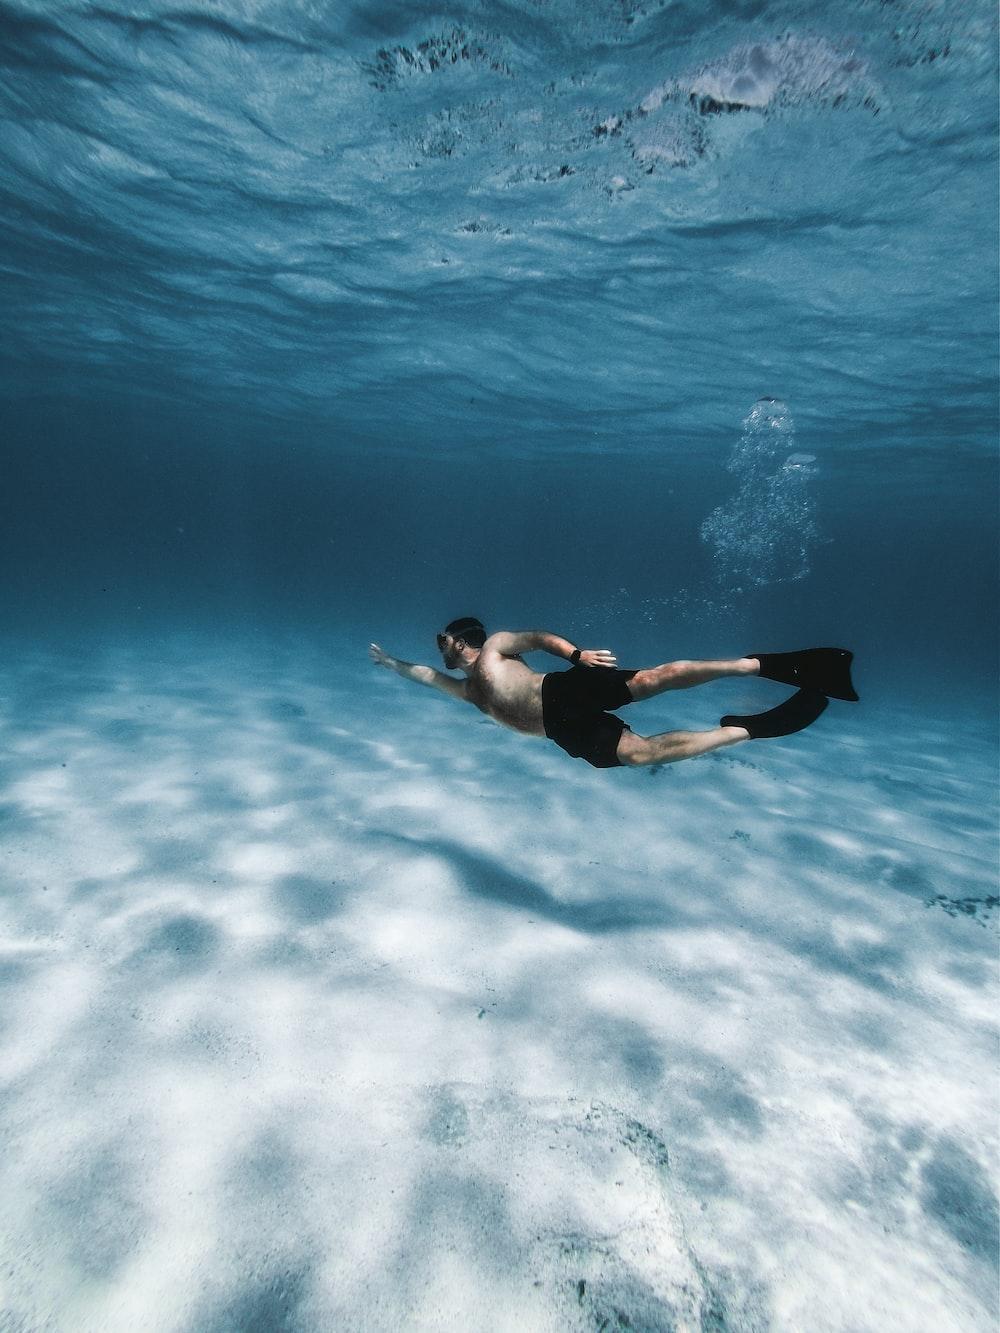 woman in black bikini in water